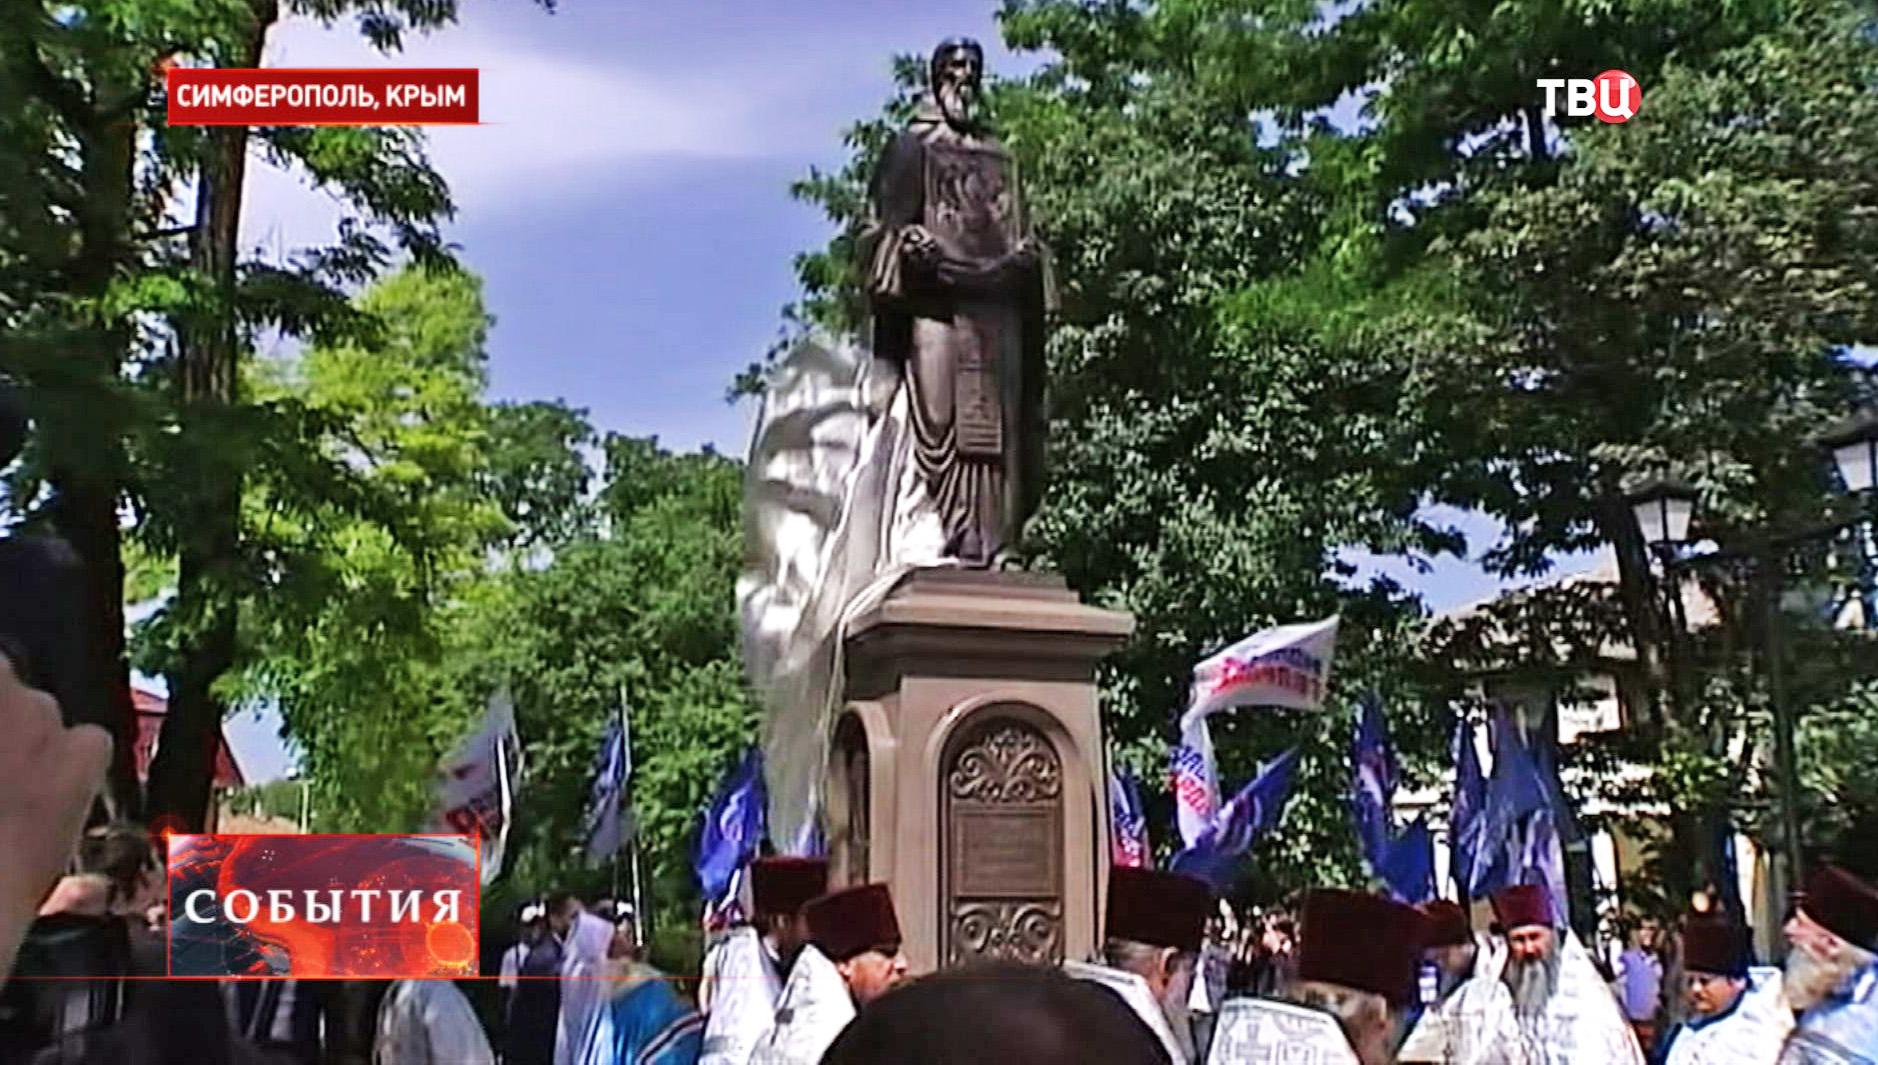 Церемония открытия памятника Сергию Радонежскому в Симферополе